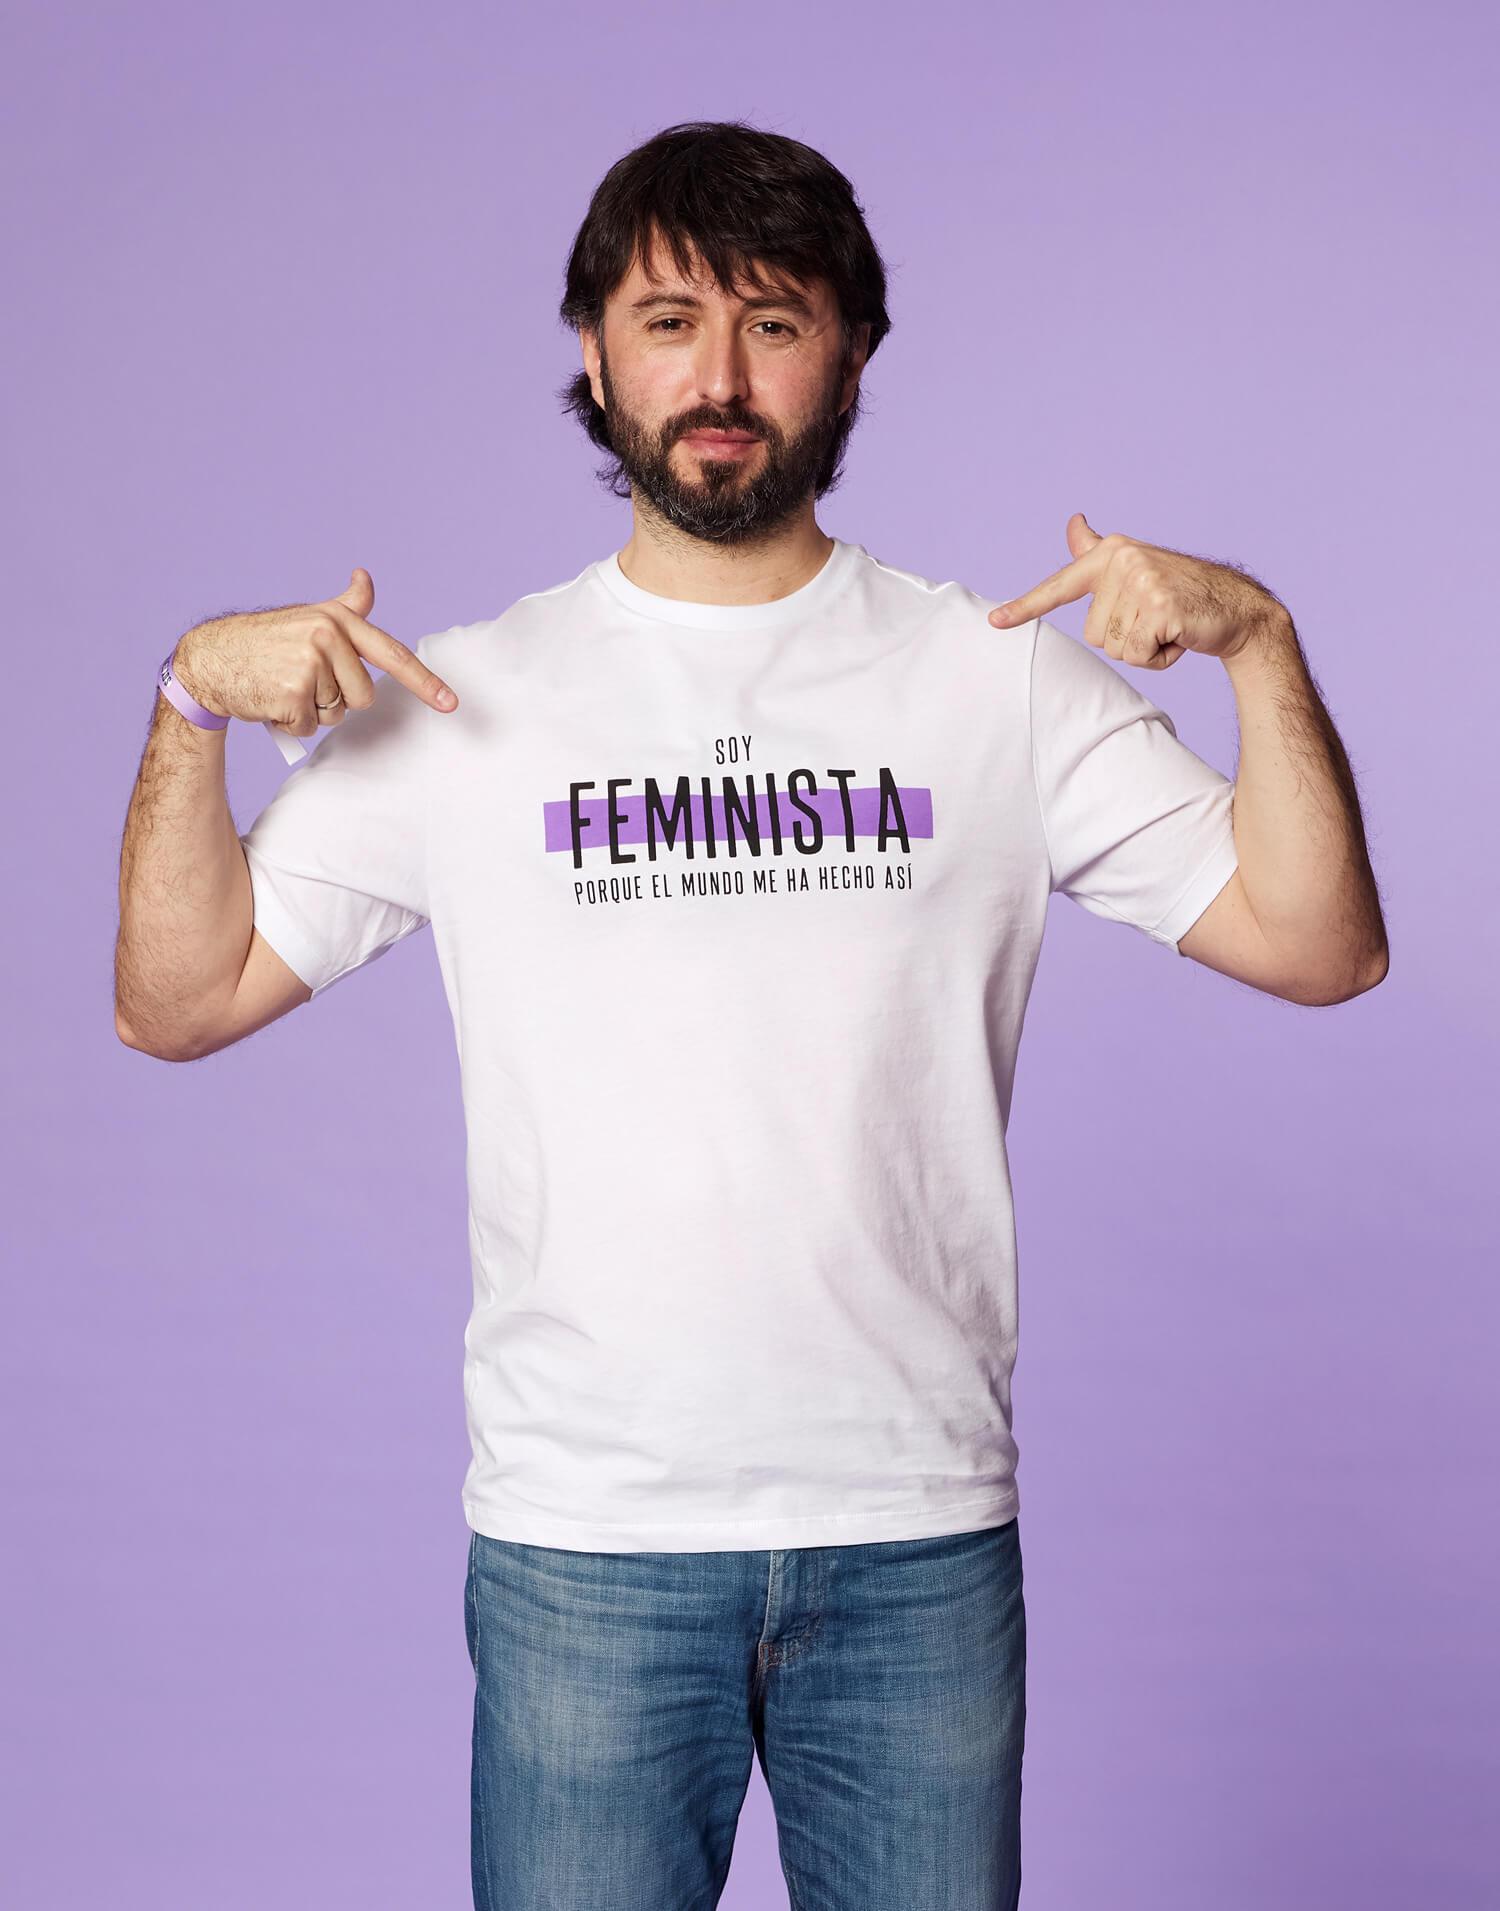 Camiseta chico 'Soy Feminista' 2020